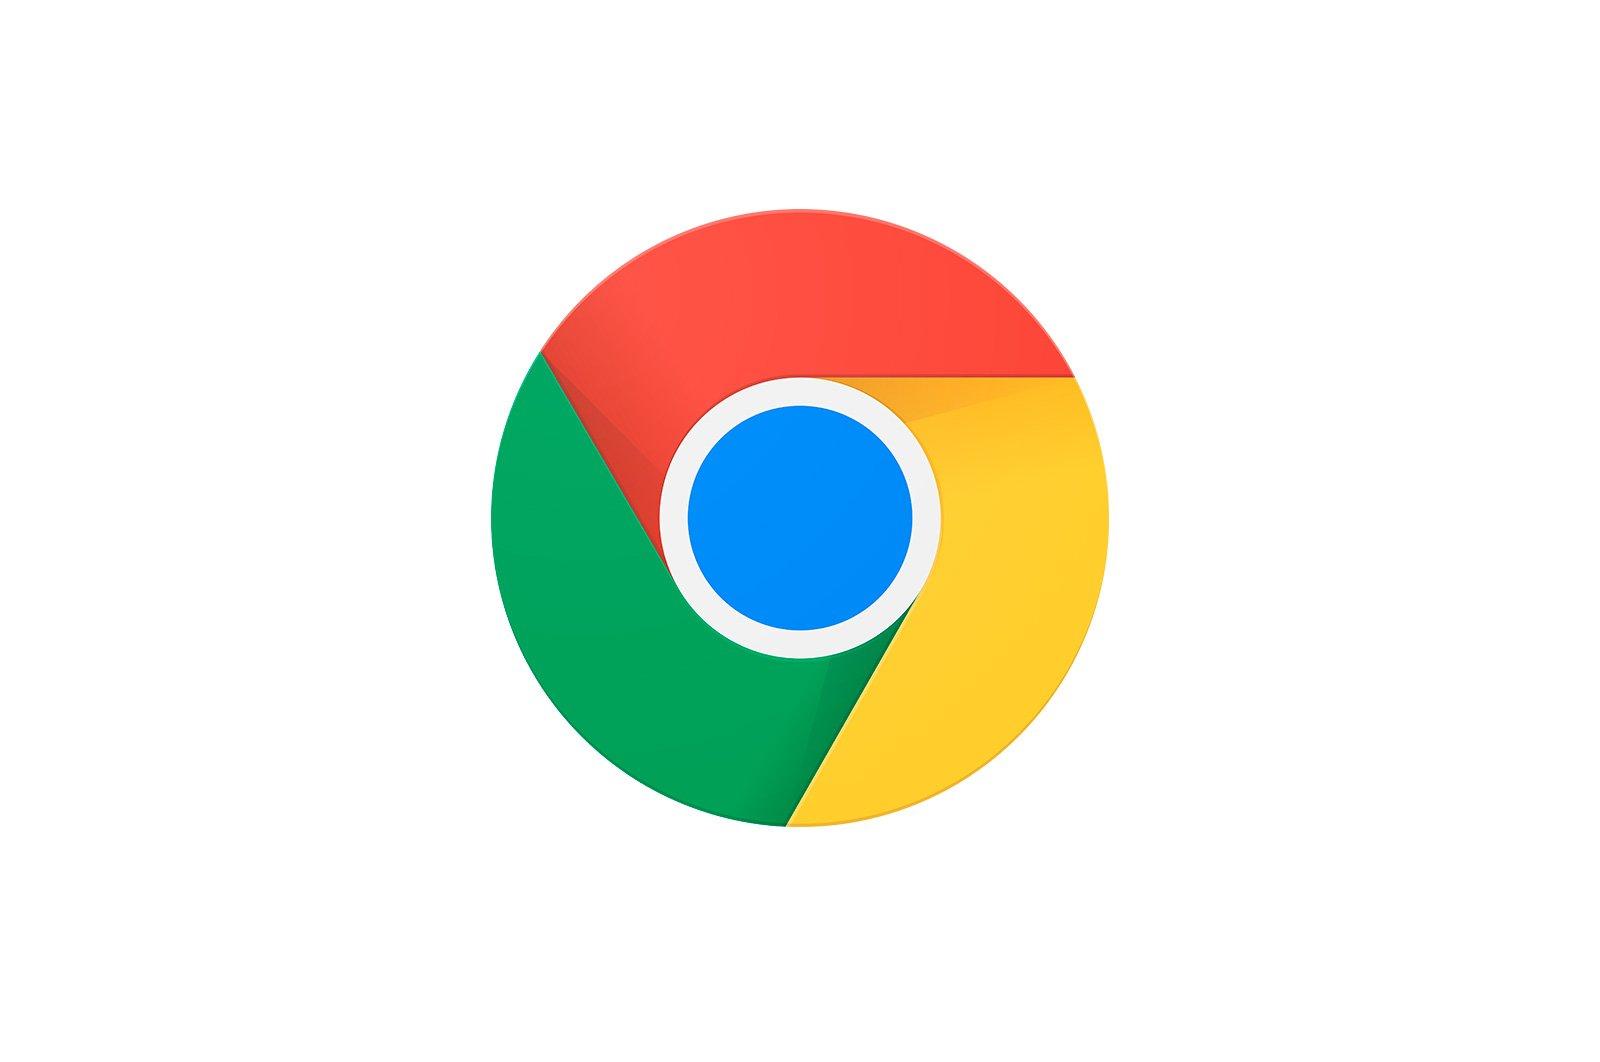 Google Chrome'da Flash Player'ın başarısız olmasının nedenleri